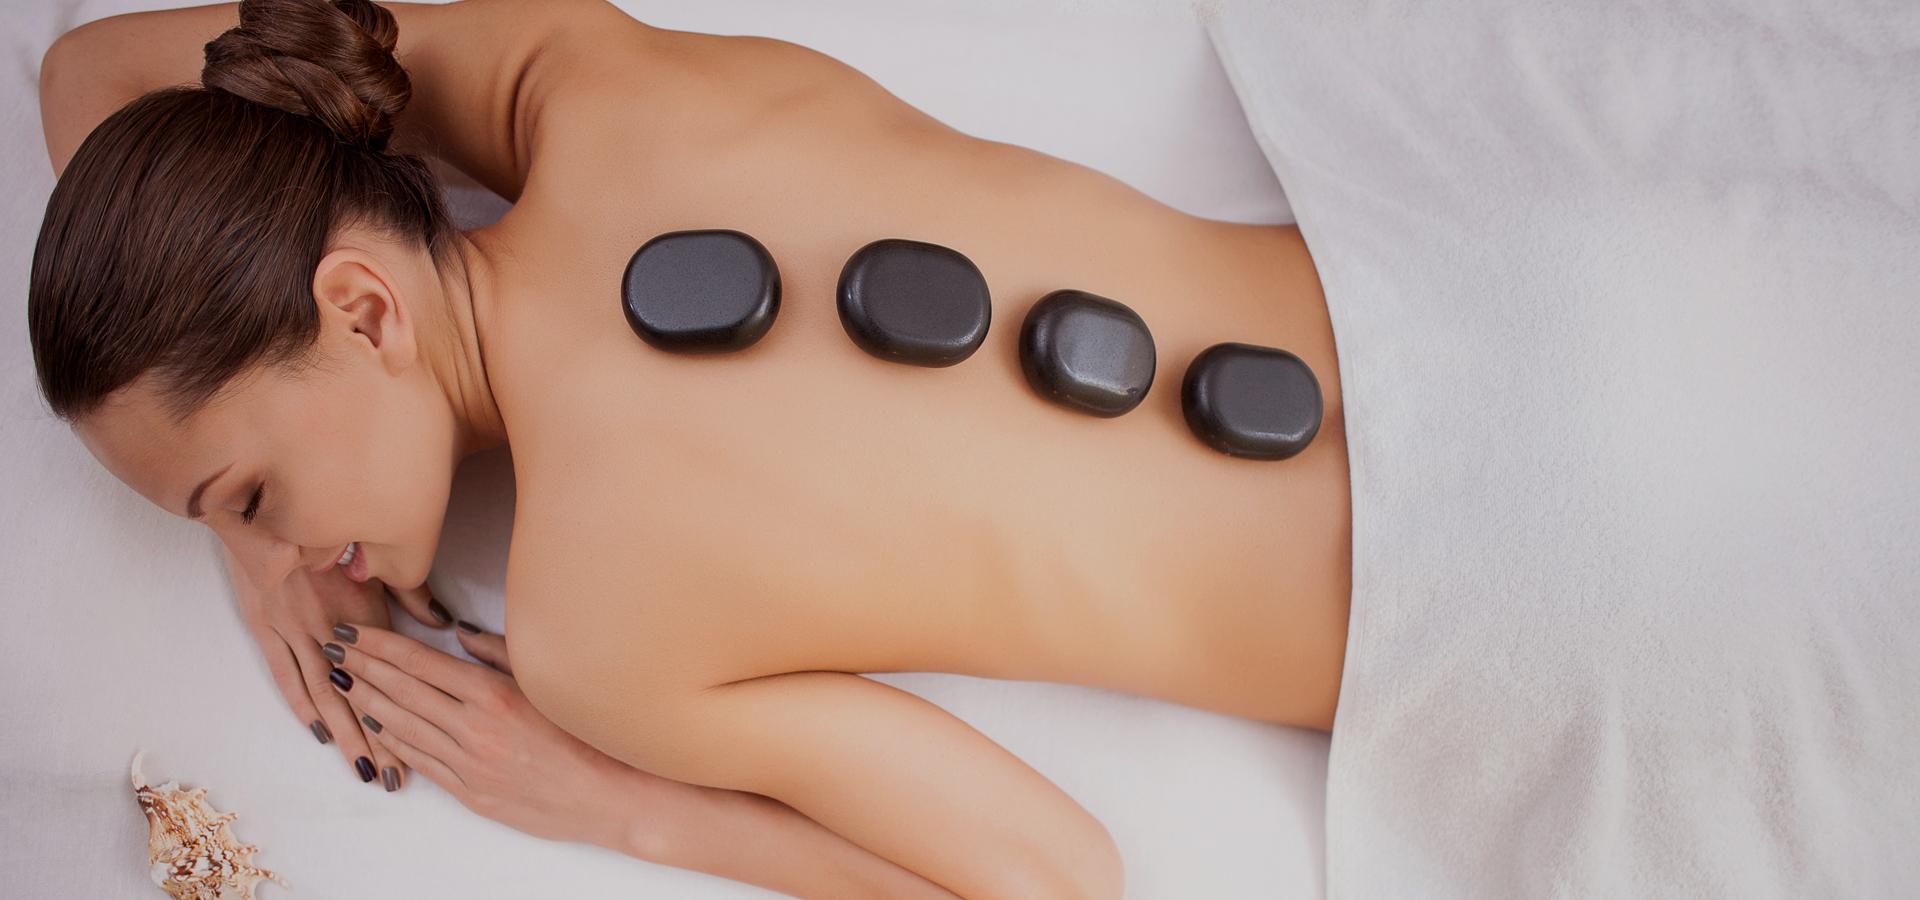 Pain Management Treatments London